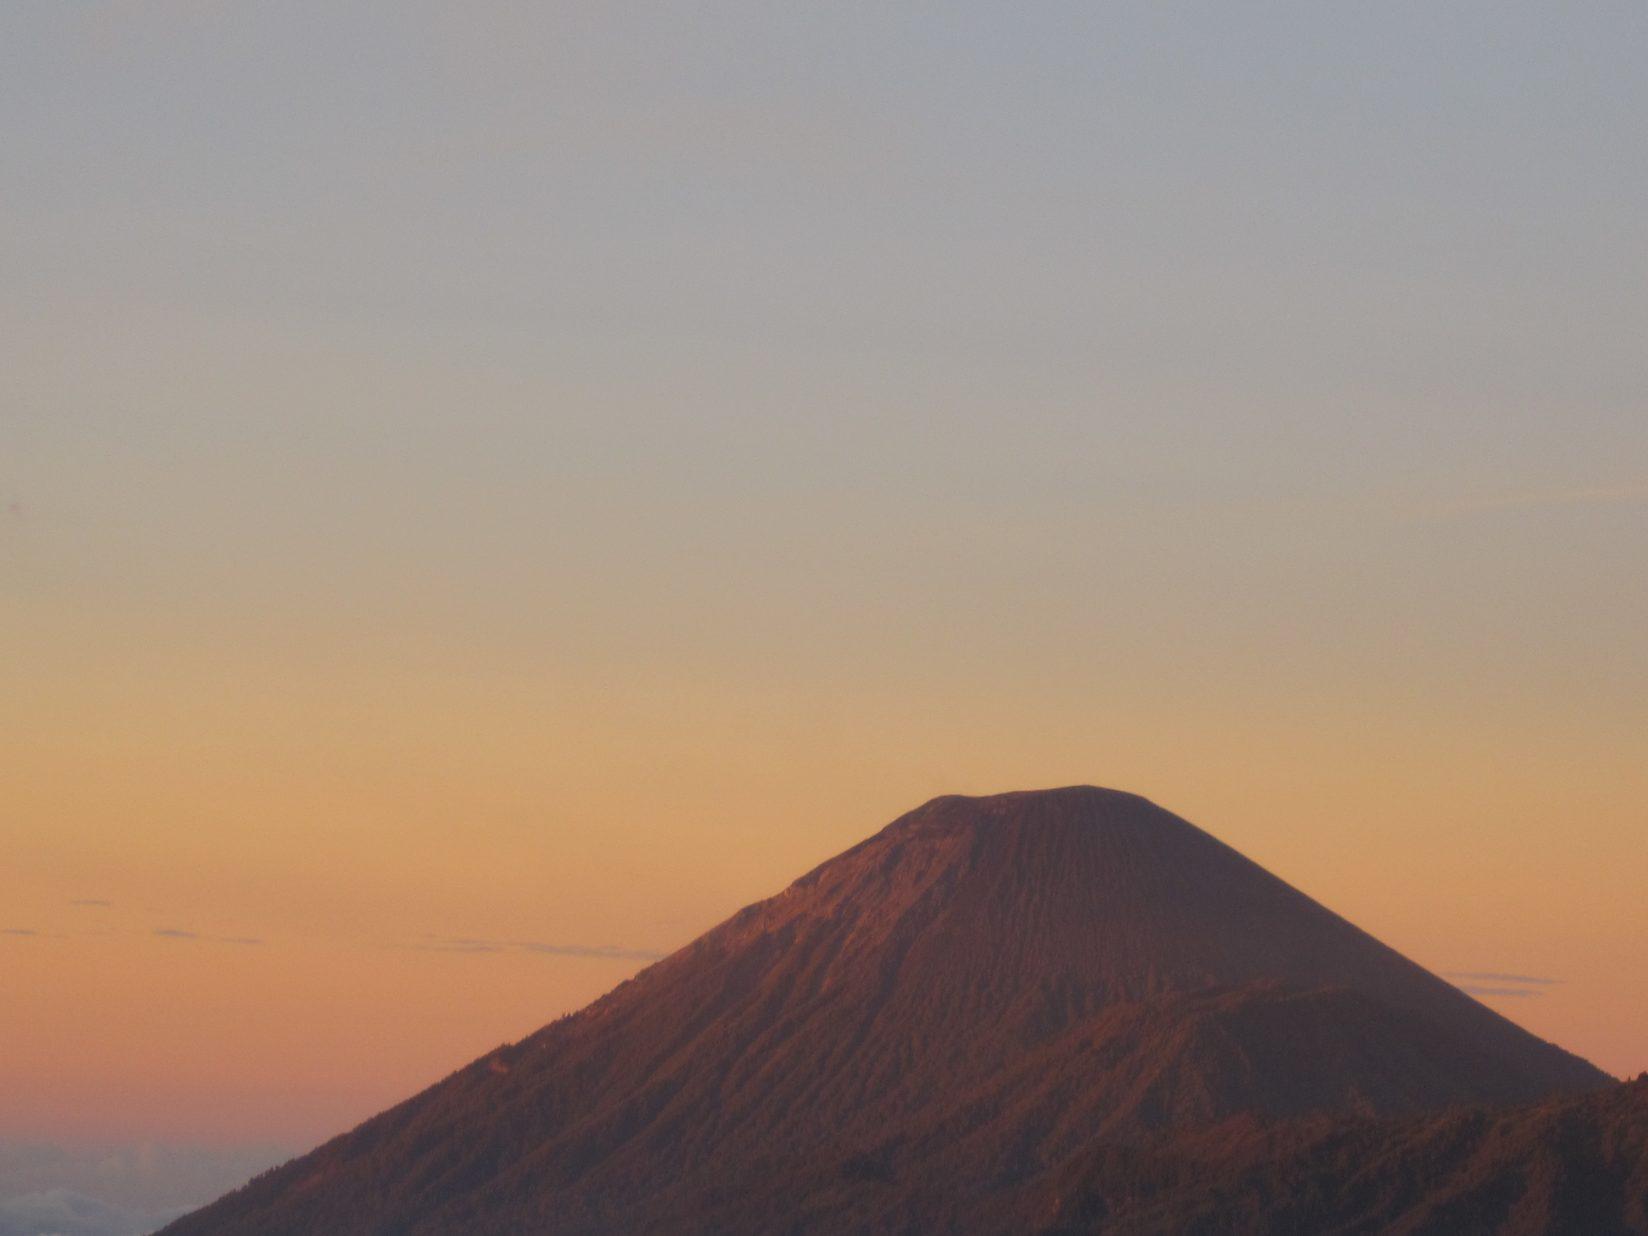 L'un des plus beaux volcans d'Indonésie